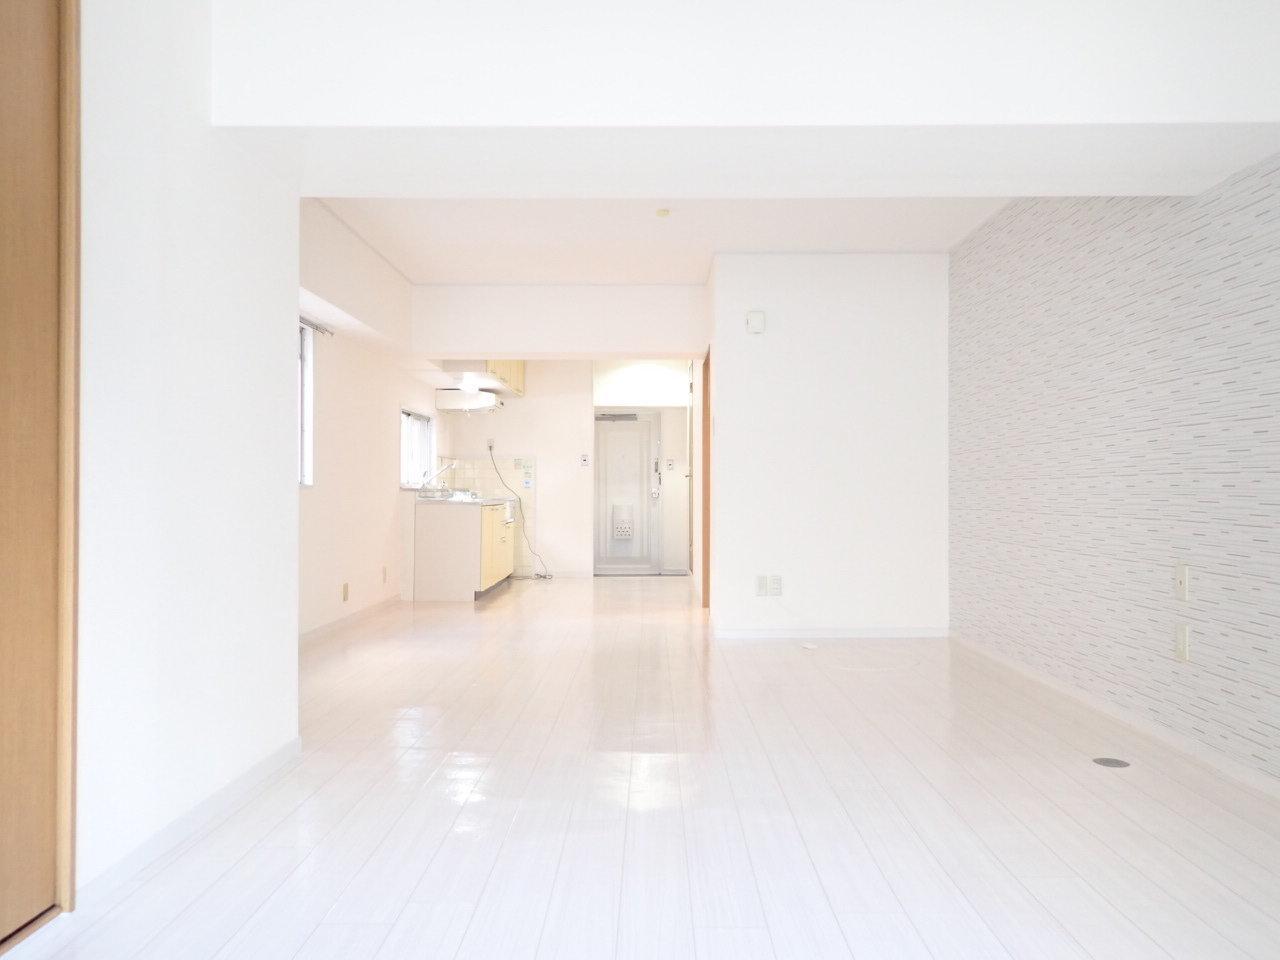 本町駅から徒歩12分。玄関が遠い!と感じるほど広い広いリビングは、なんと16畳もありますよ。広めのワンルーム暮らし、家具を気にせず置けていいですよね。